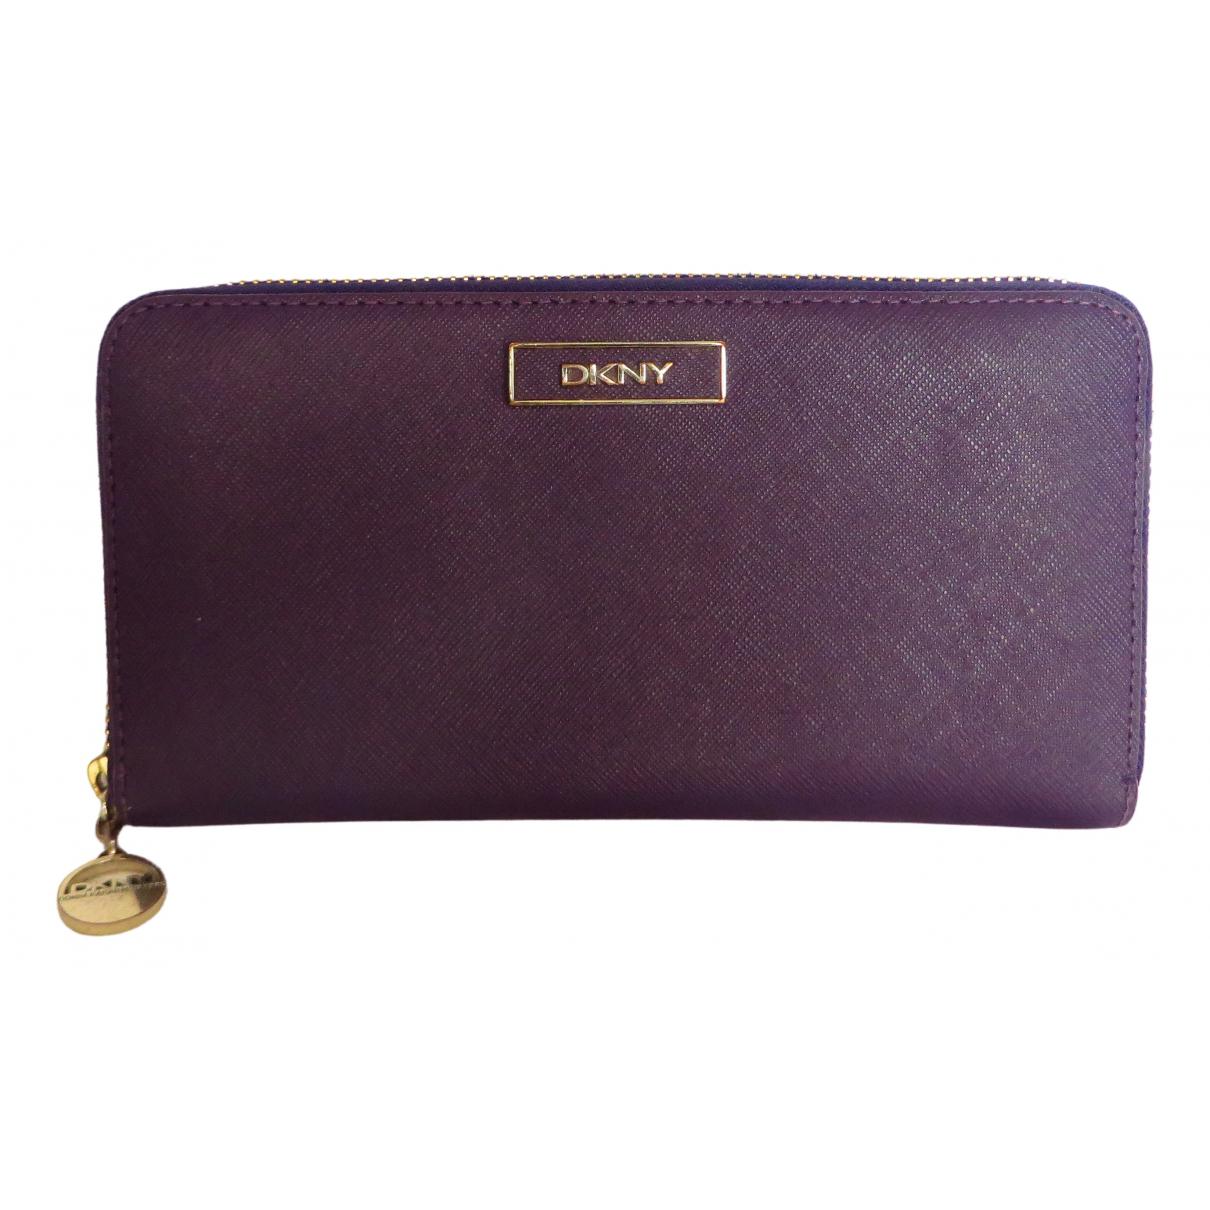 Dkny - Portefeuille   pour femme en cuir - violet